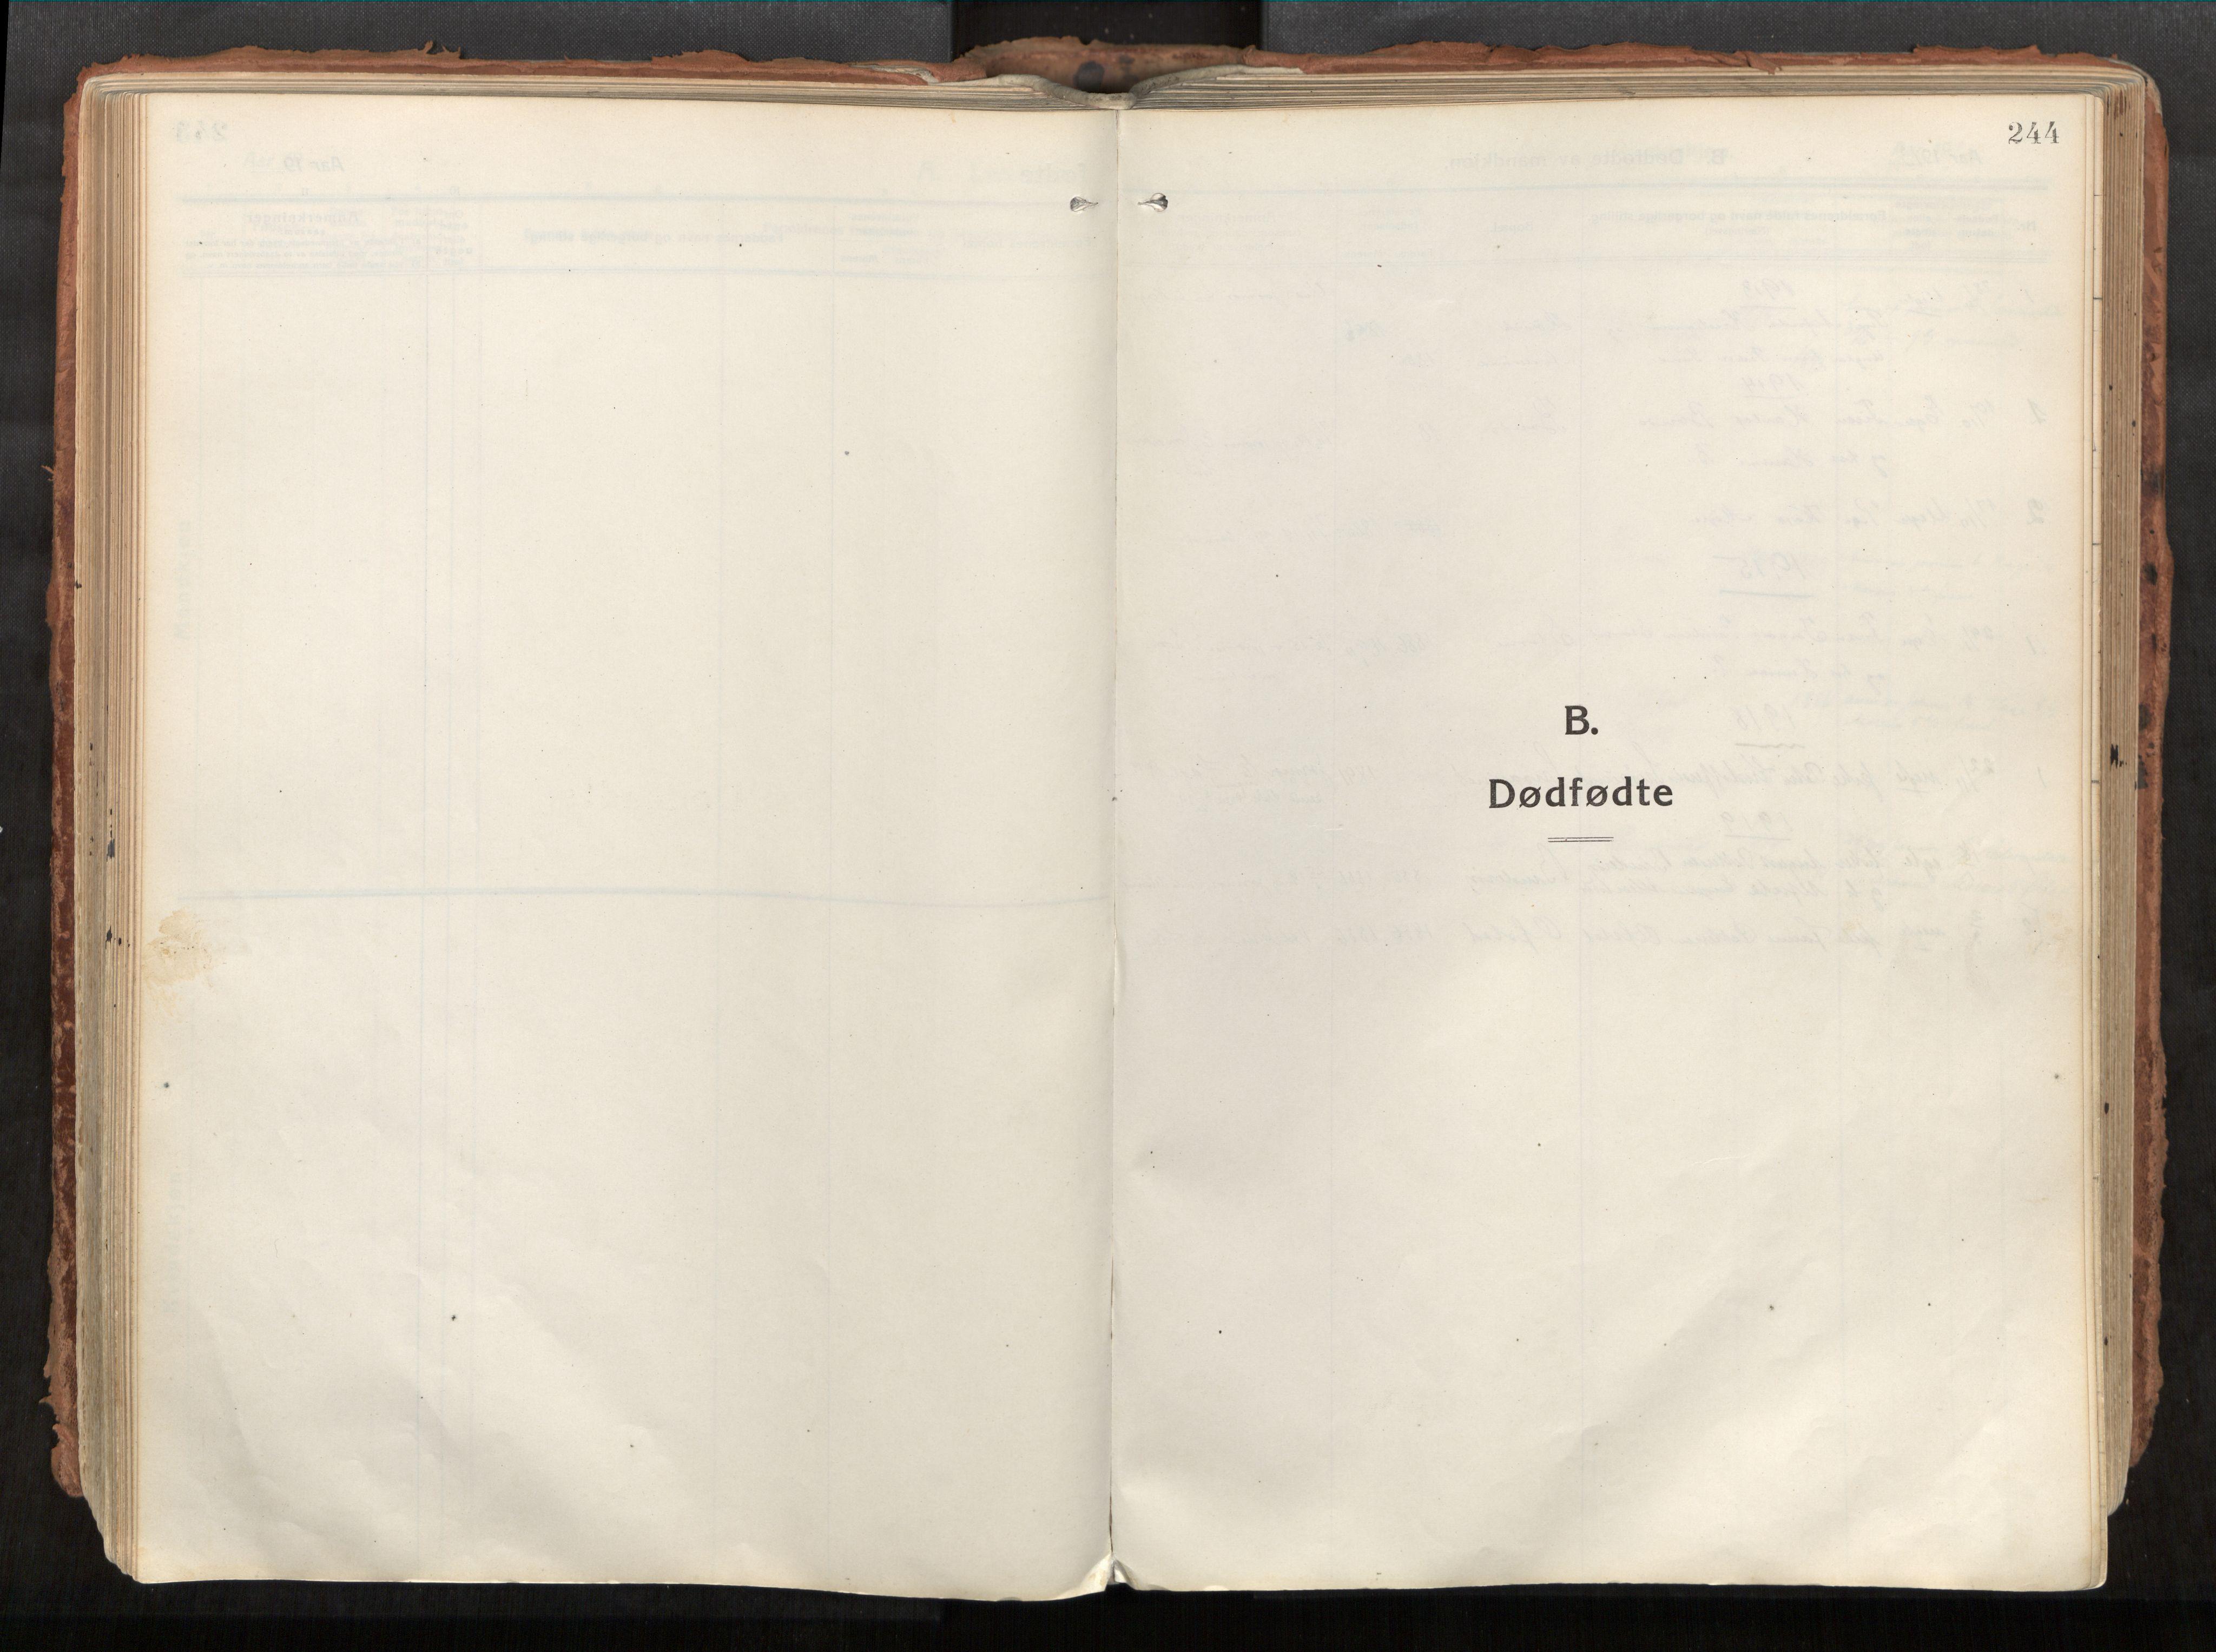 SAT, Vikna sokneprestkontor*, Ministerialbok nr. 1, 1913-1934, s. 244